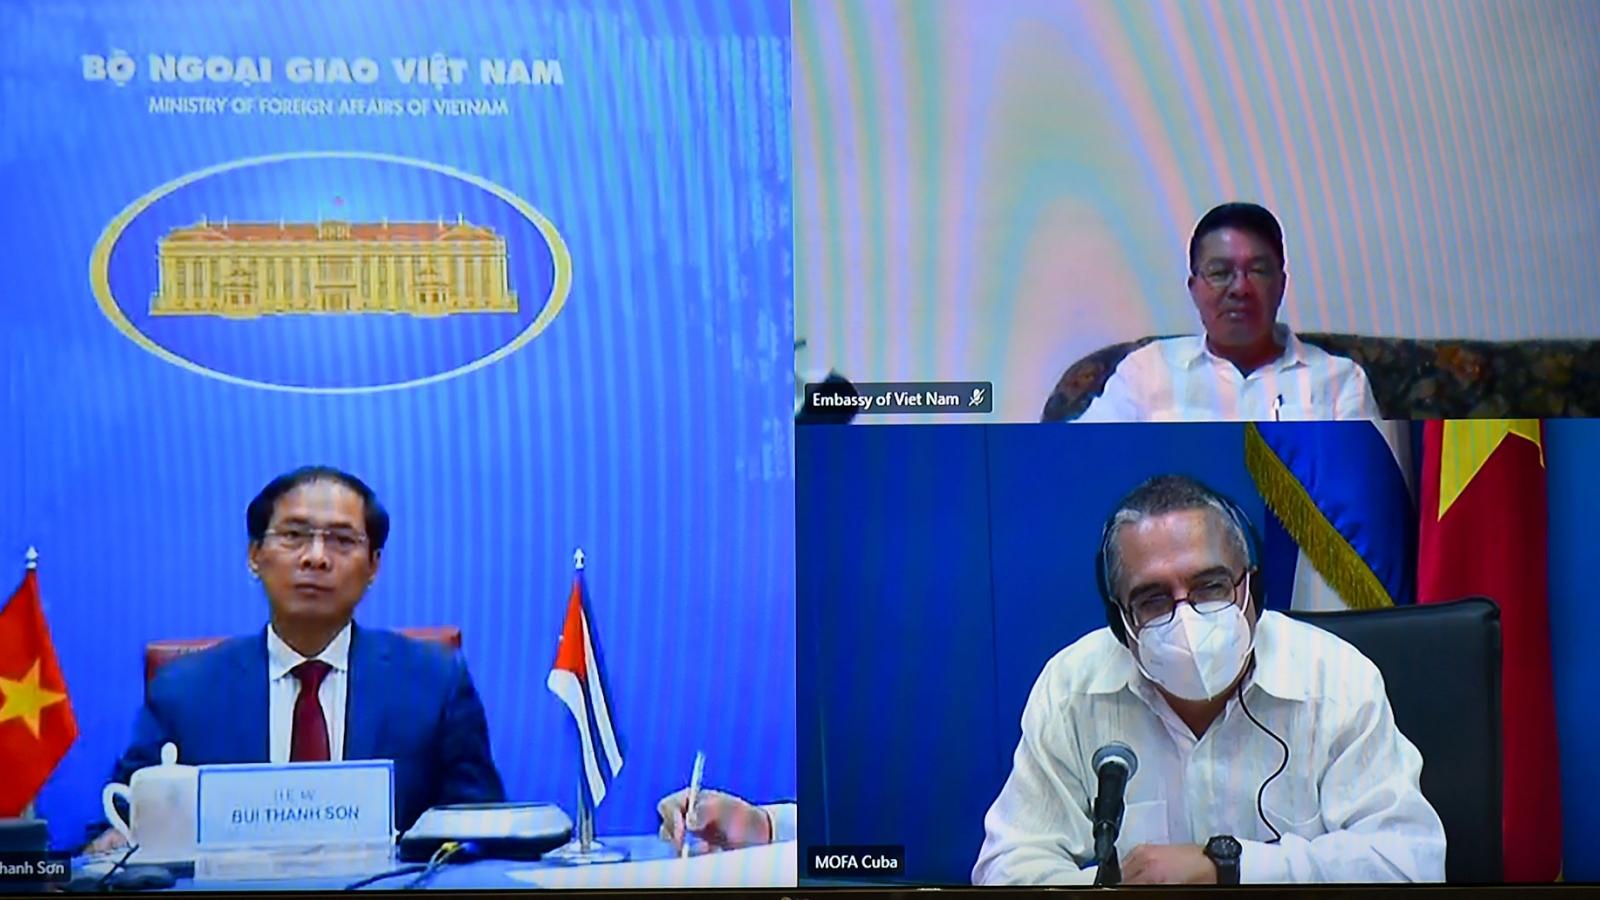 Việt Nam và Cuba tổ chức phiên Tham khảo chính trị cấp Thứ trưởng Ngoại giao